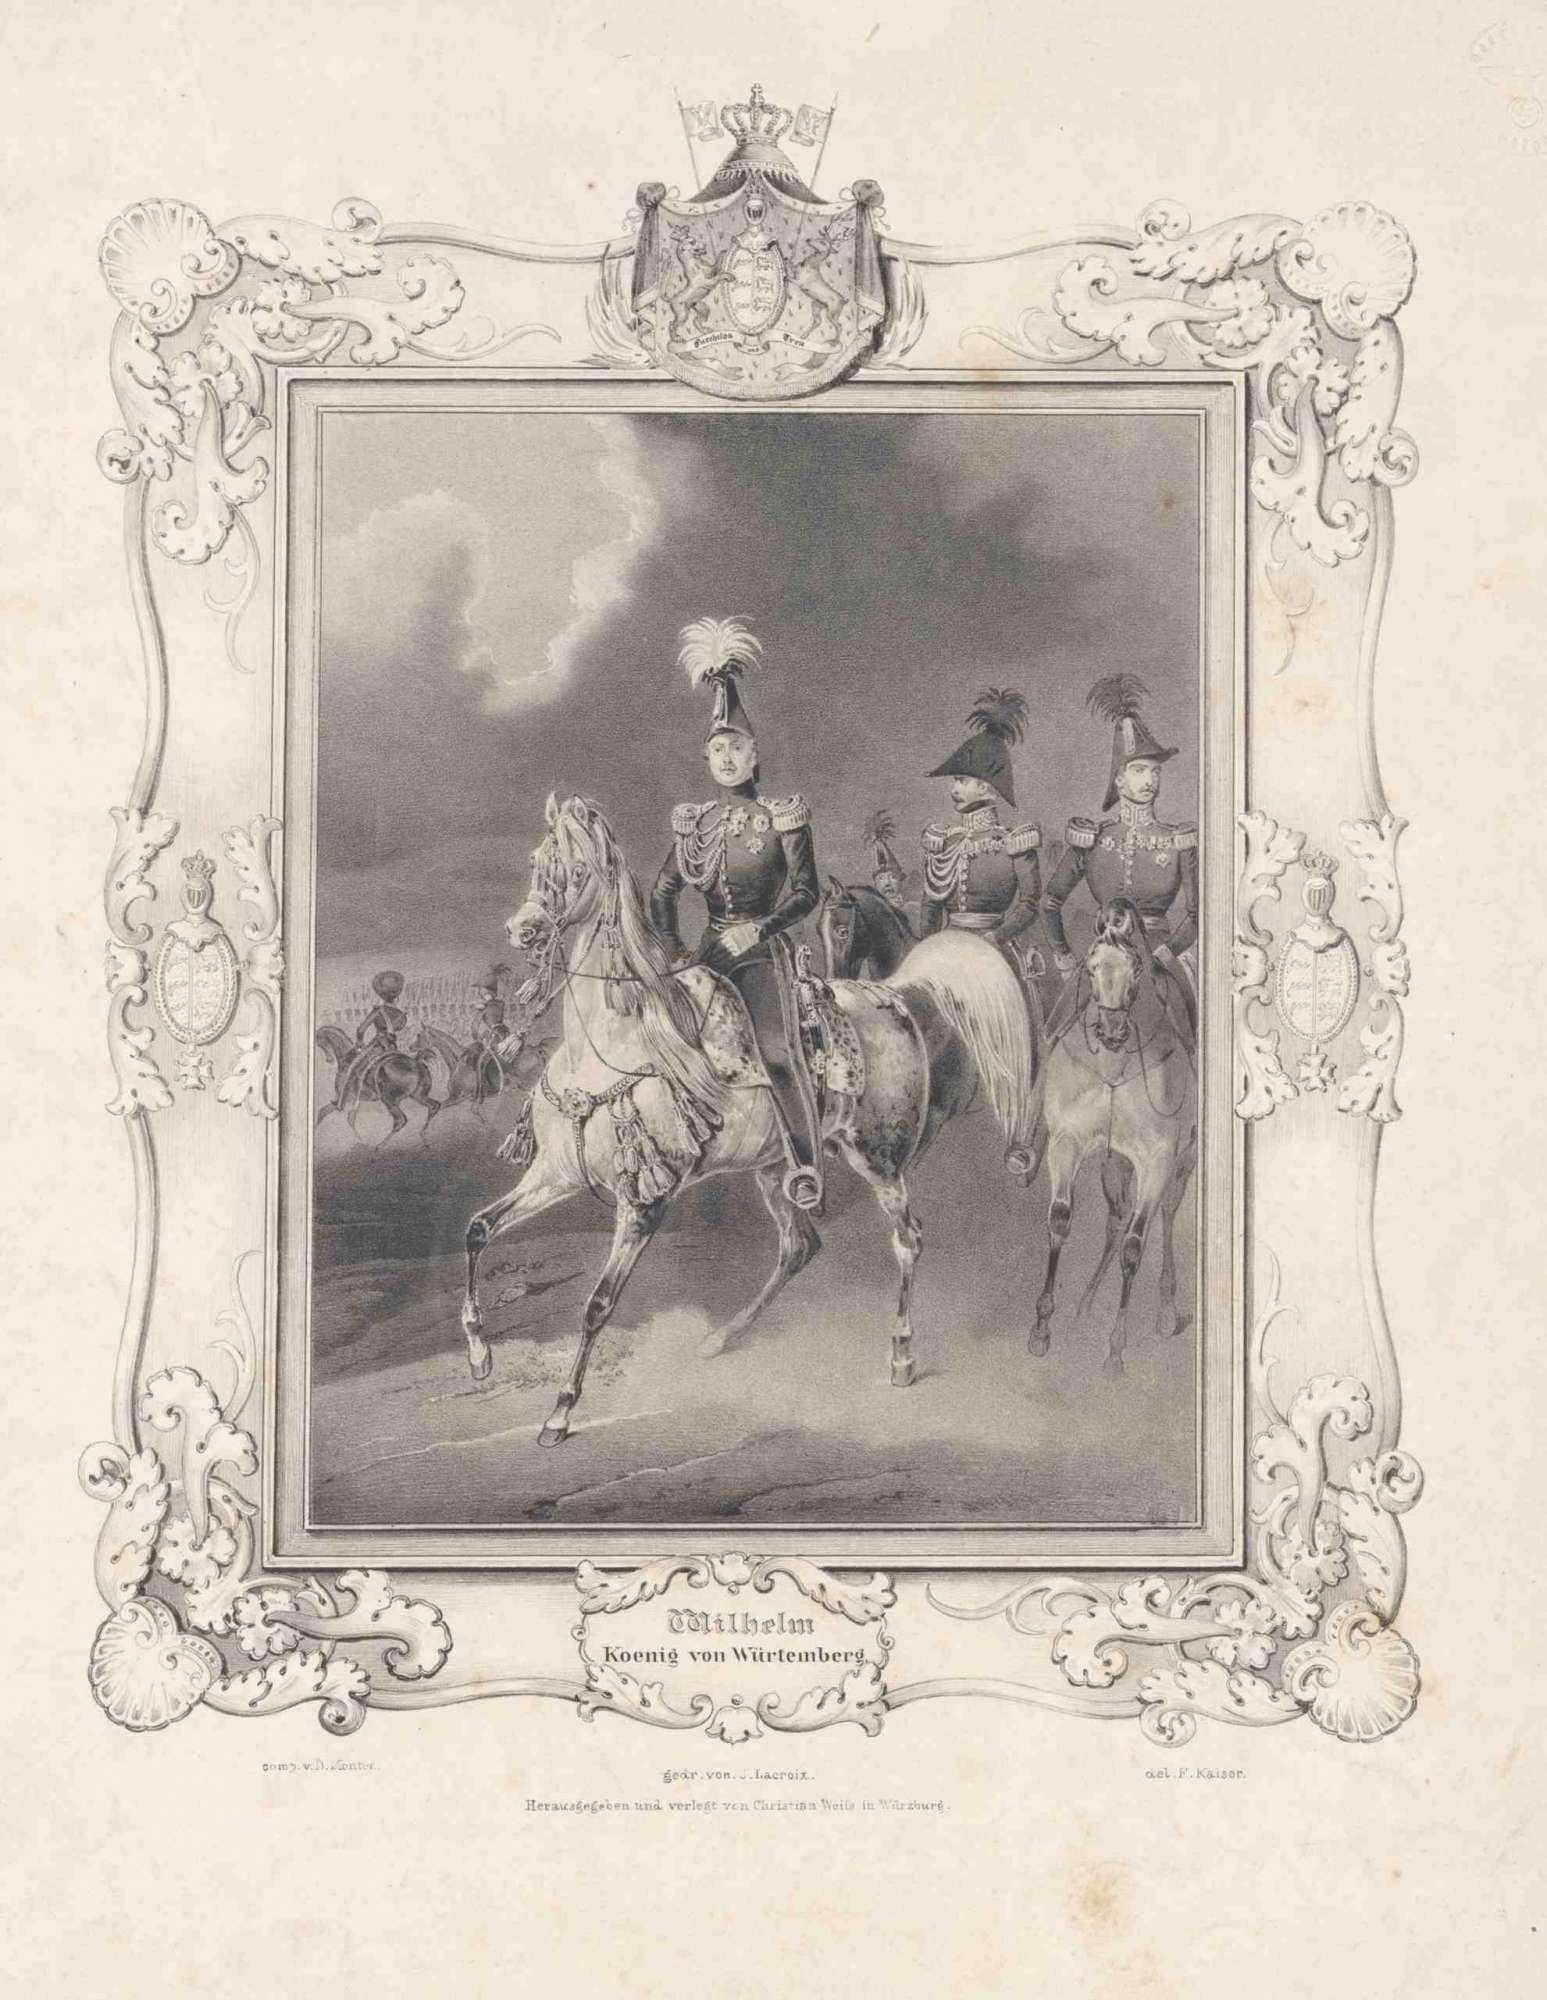 König Wilhelm I. von Württemberg in Uniform, Mütze und Orden, zu Pferd reitend vor nachfolgenden Offizieren, Bild 1